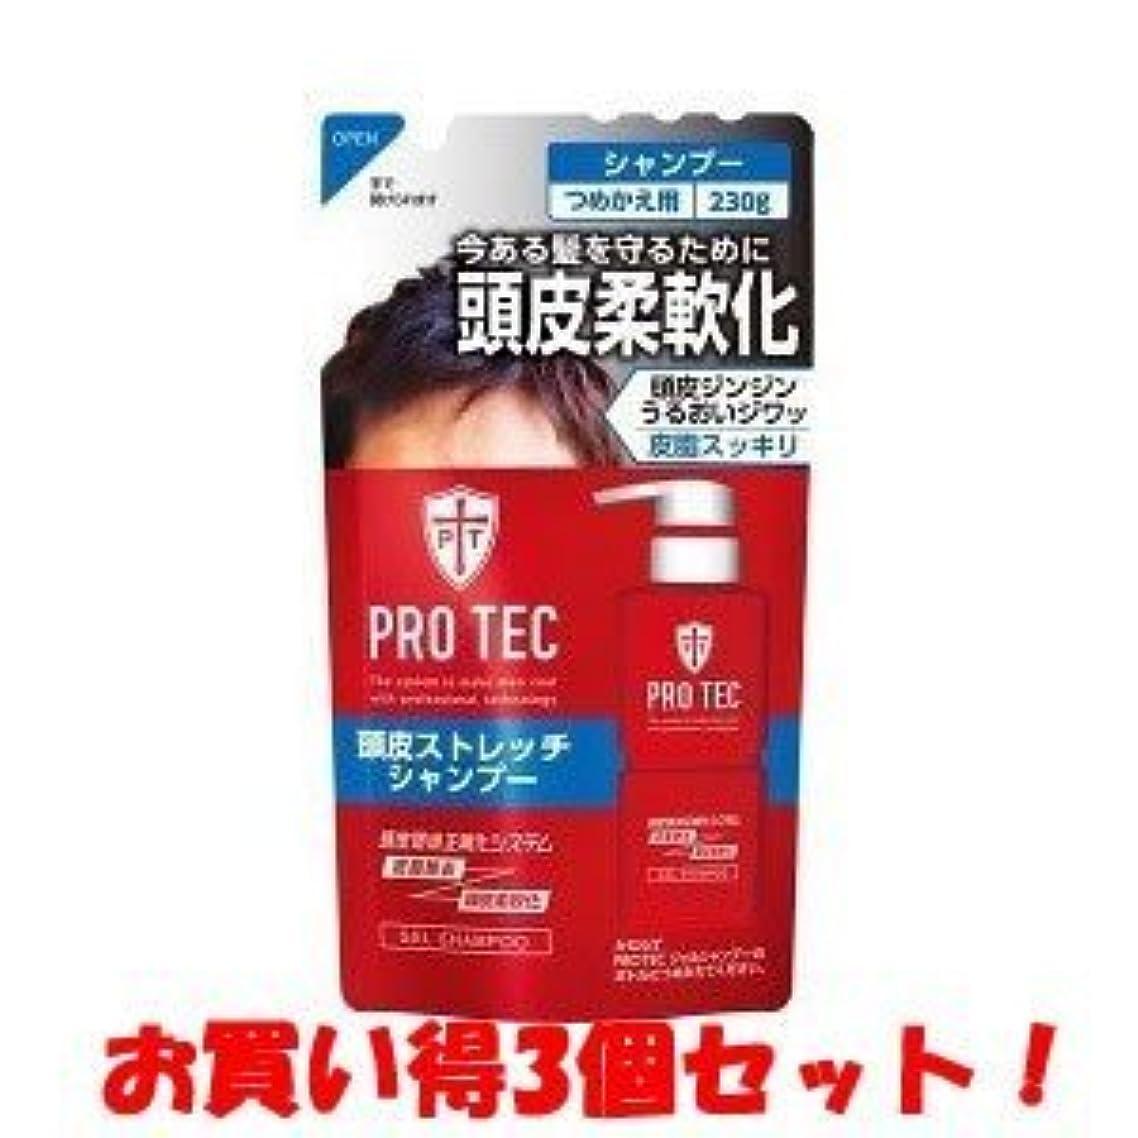 専門自明特異な(ライオン)PRO TEC(プロテク) 頭皮ストレッチ シャンプー つめかえ用 230g(医薬部外品)(お買い得3個セット)